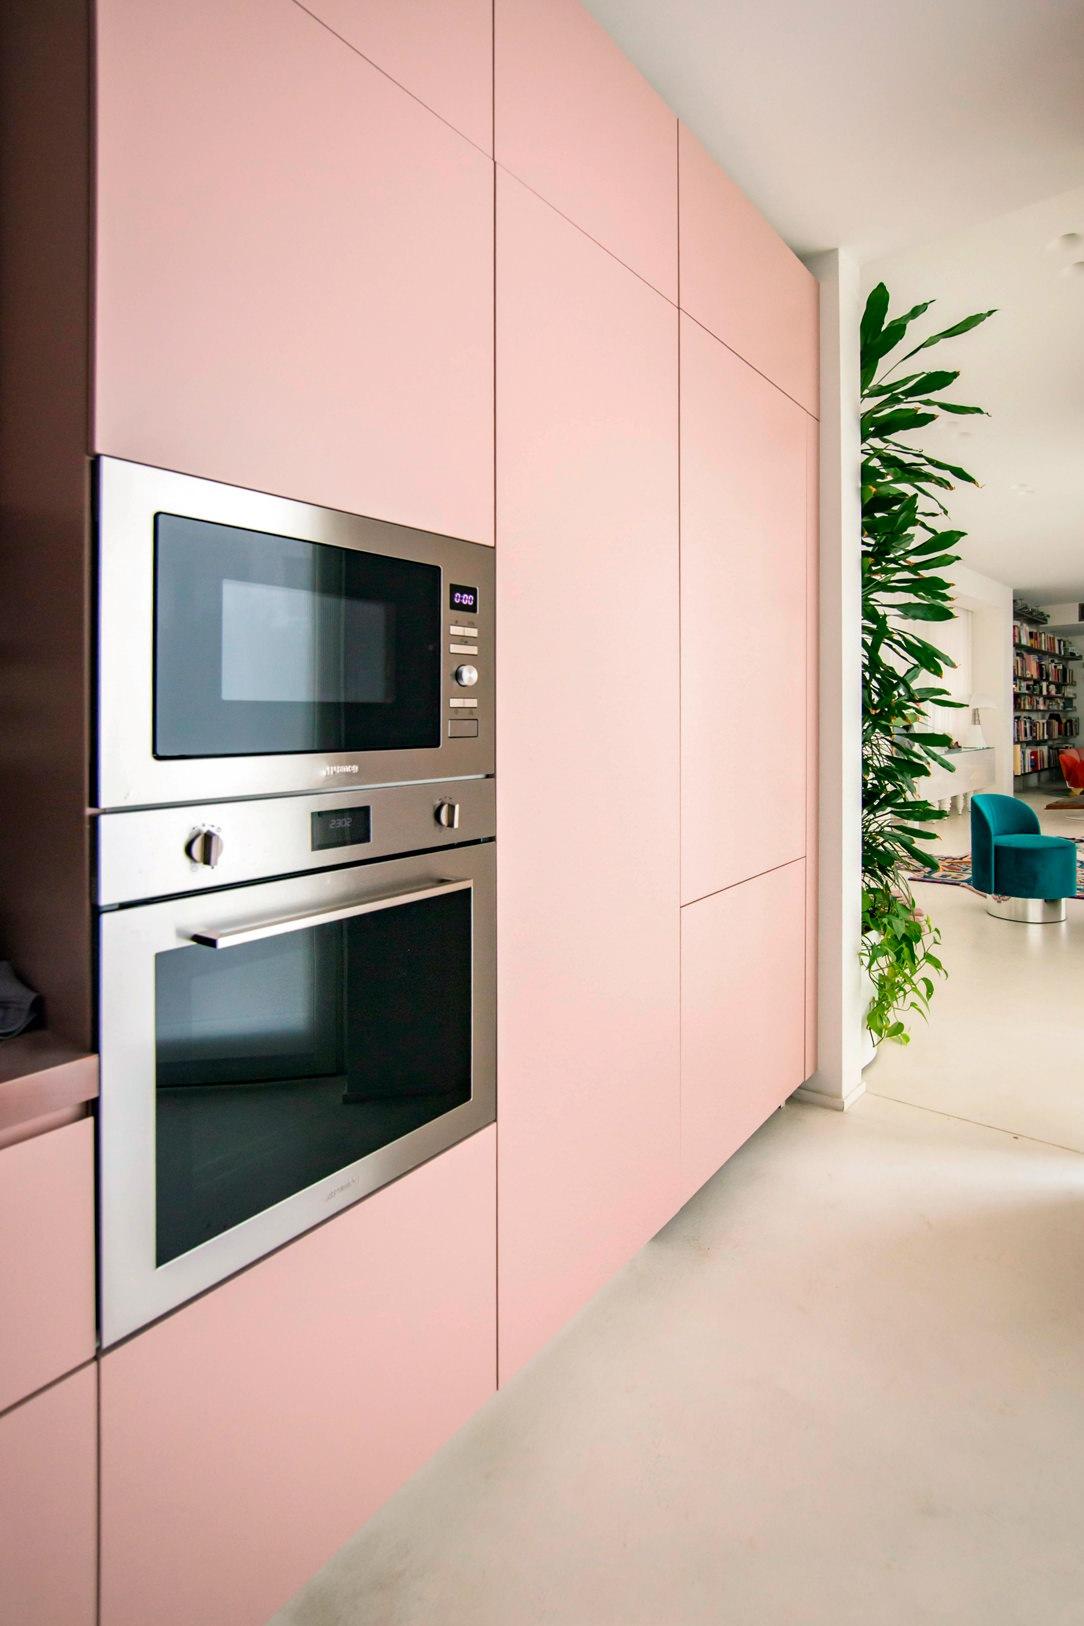 colonna forni cucina ante rosa